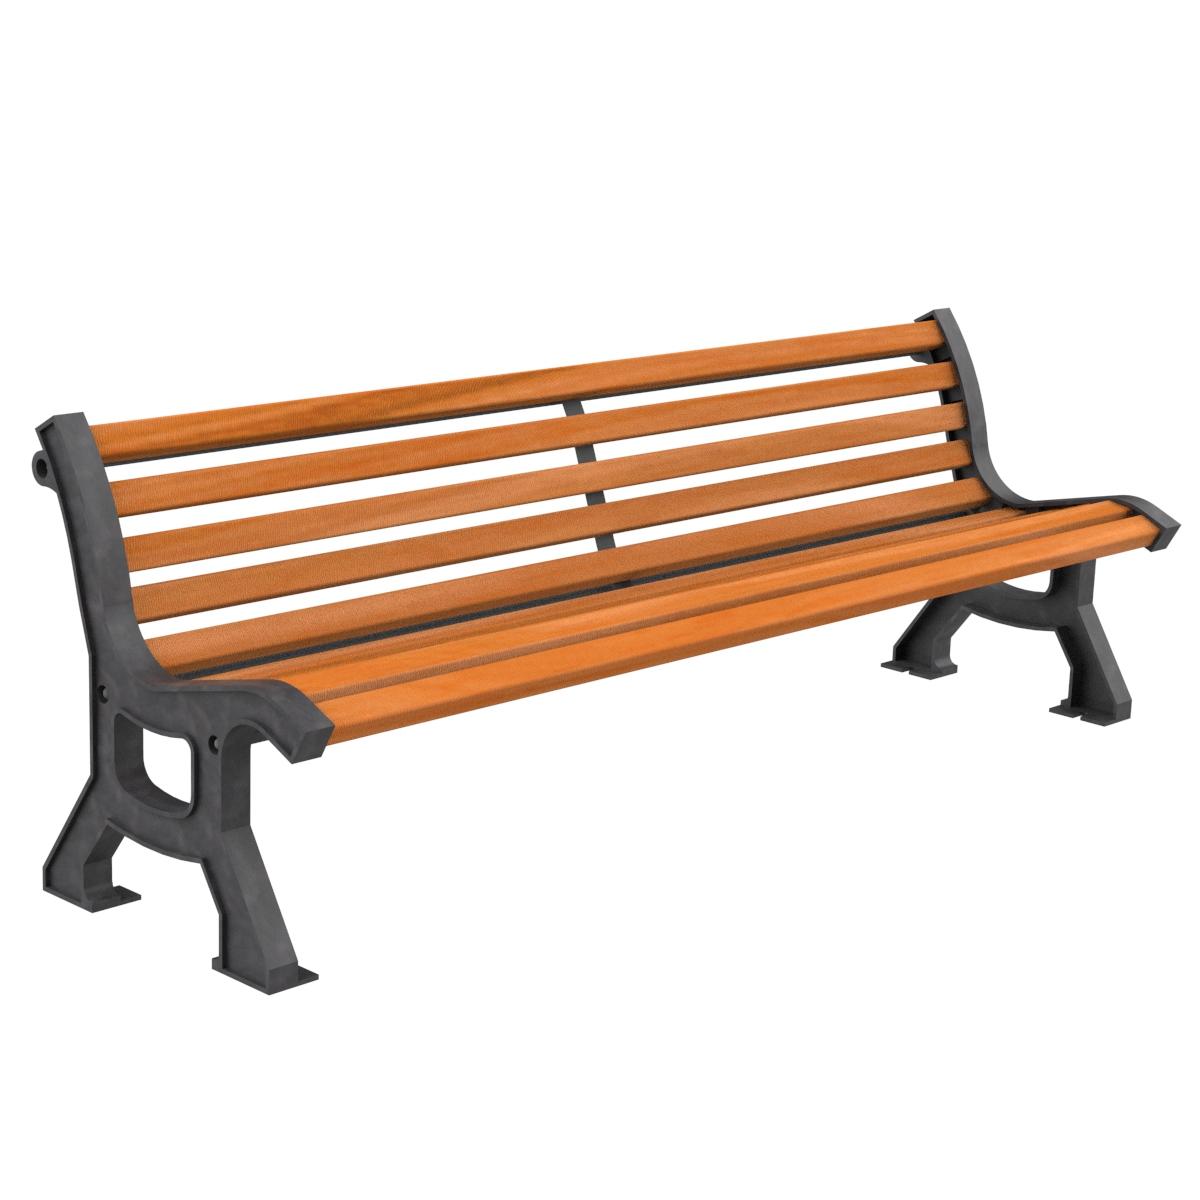 Banco madera bastide mobiliario elemento urbano parques y - Banco madera jardin ...